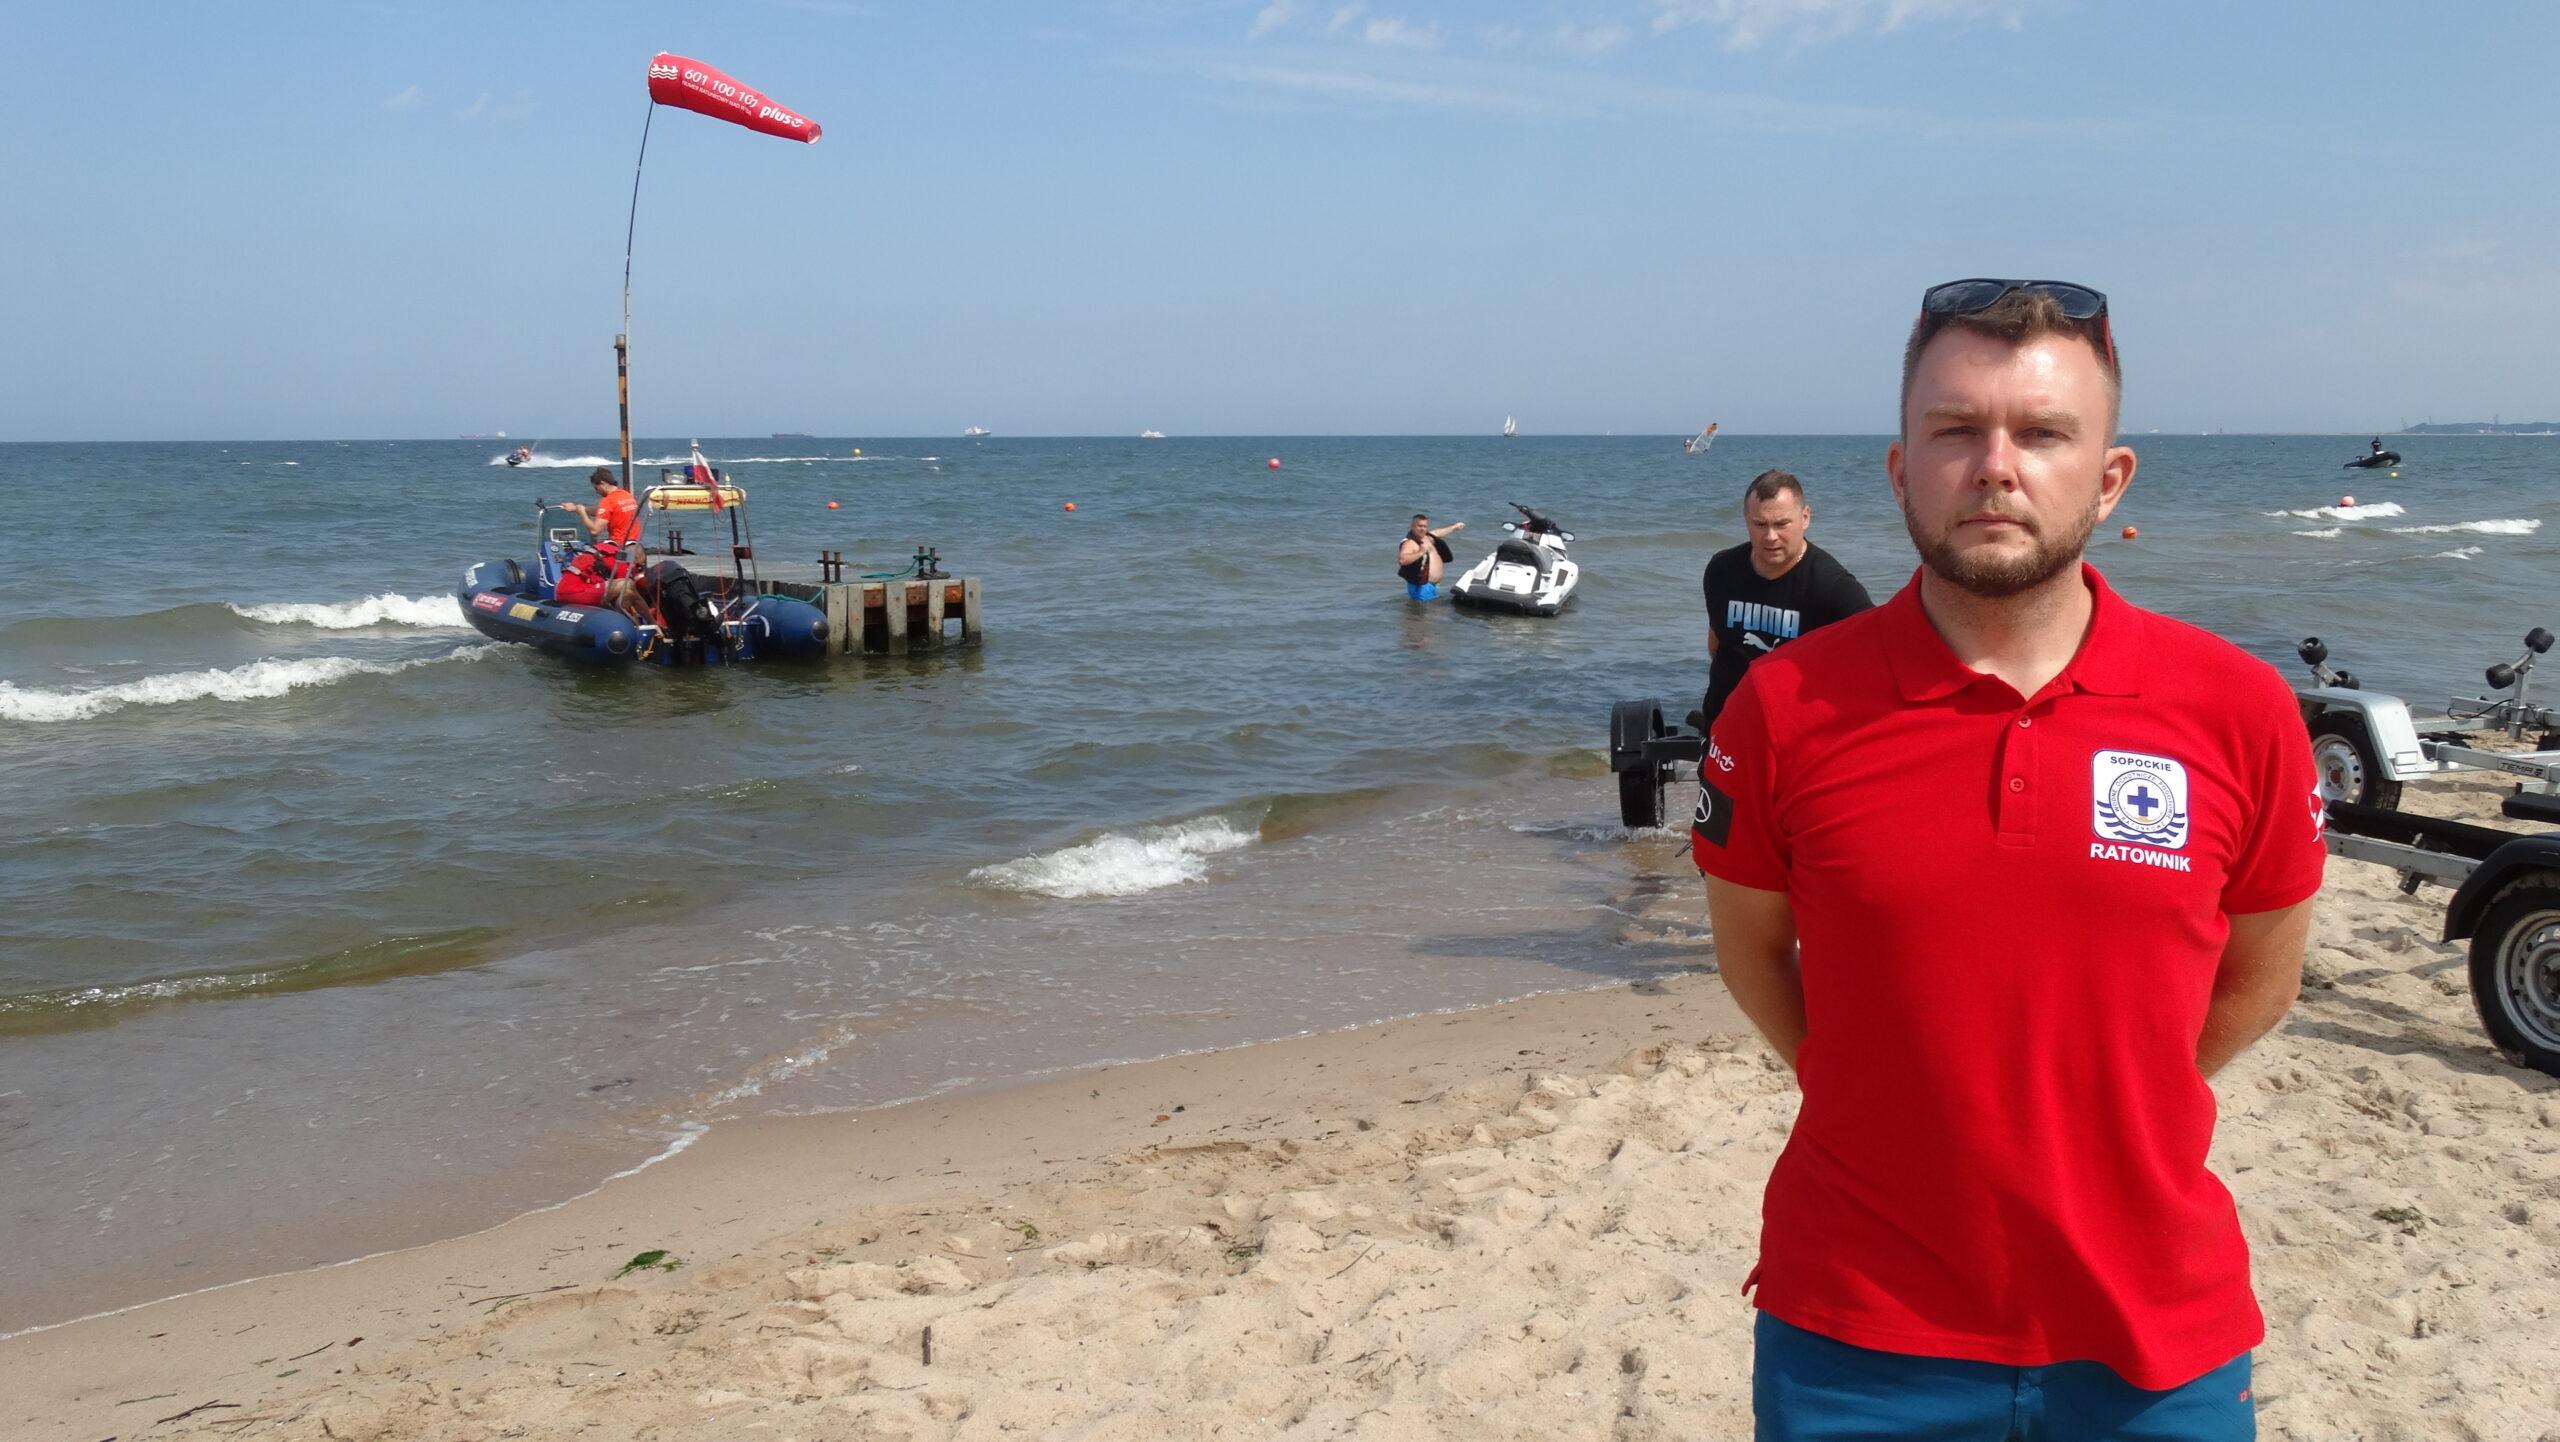 """Wakacje nad wodą? """"Bezpieczeństwo to ostatnia rzecz, o jakiej myślimy, planując urlop"""" mówi ratownik WOPR"""